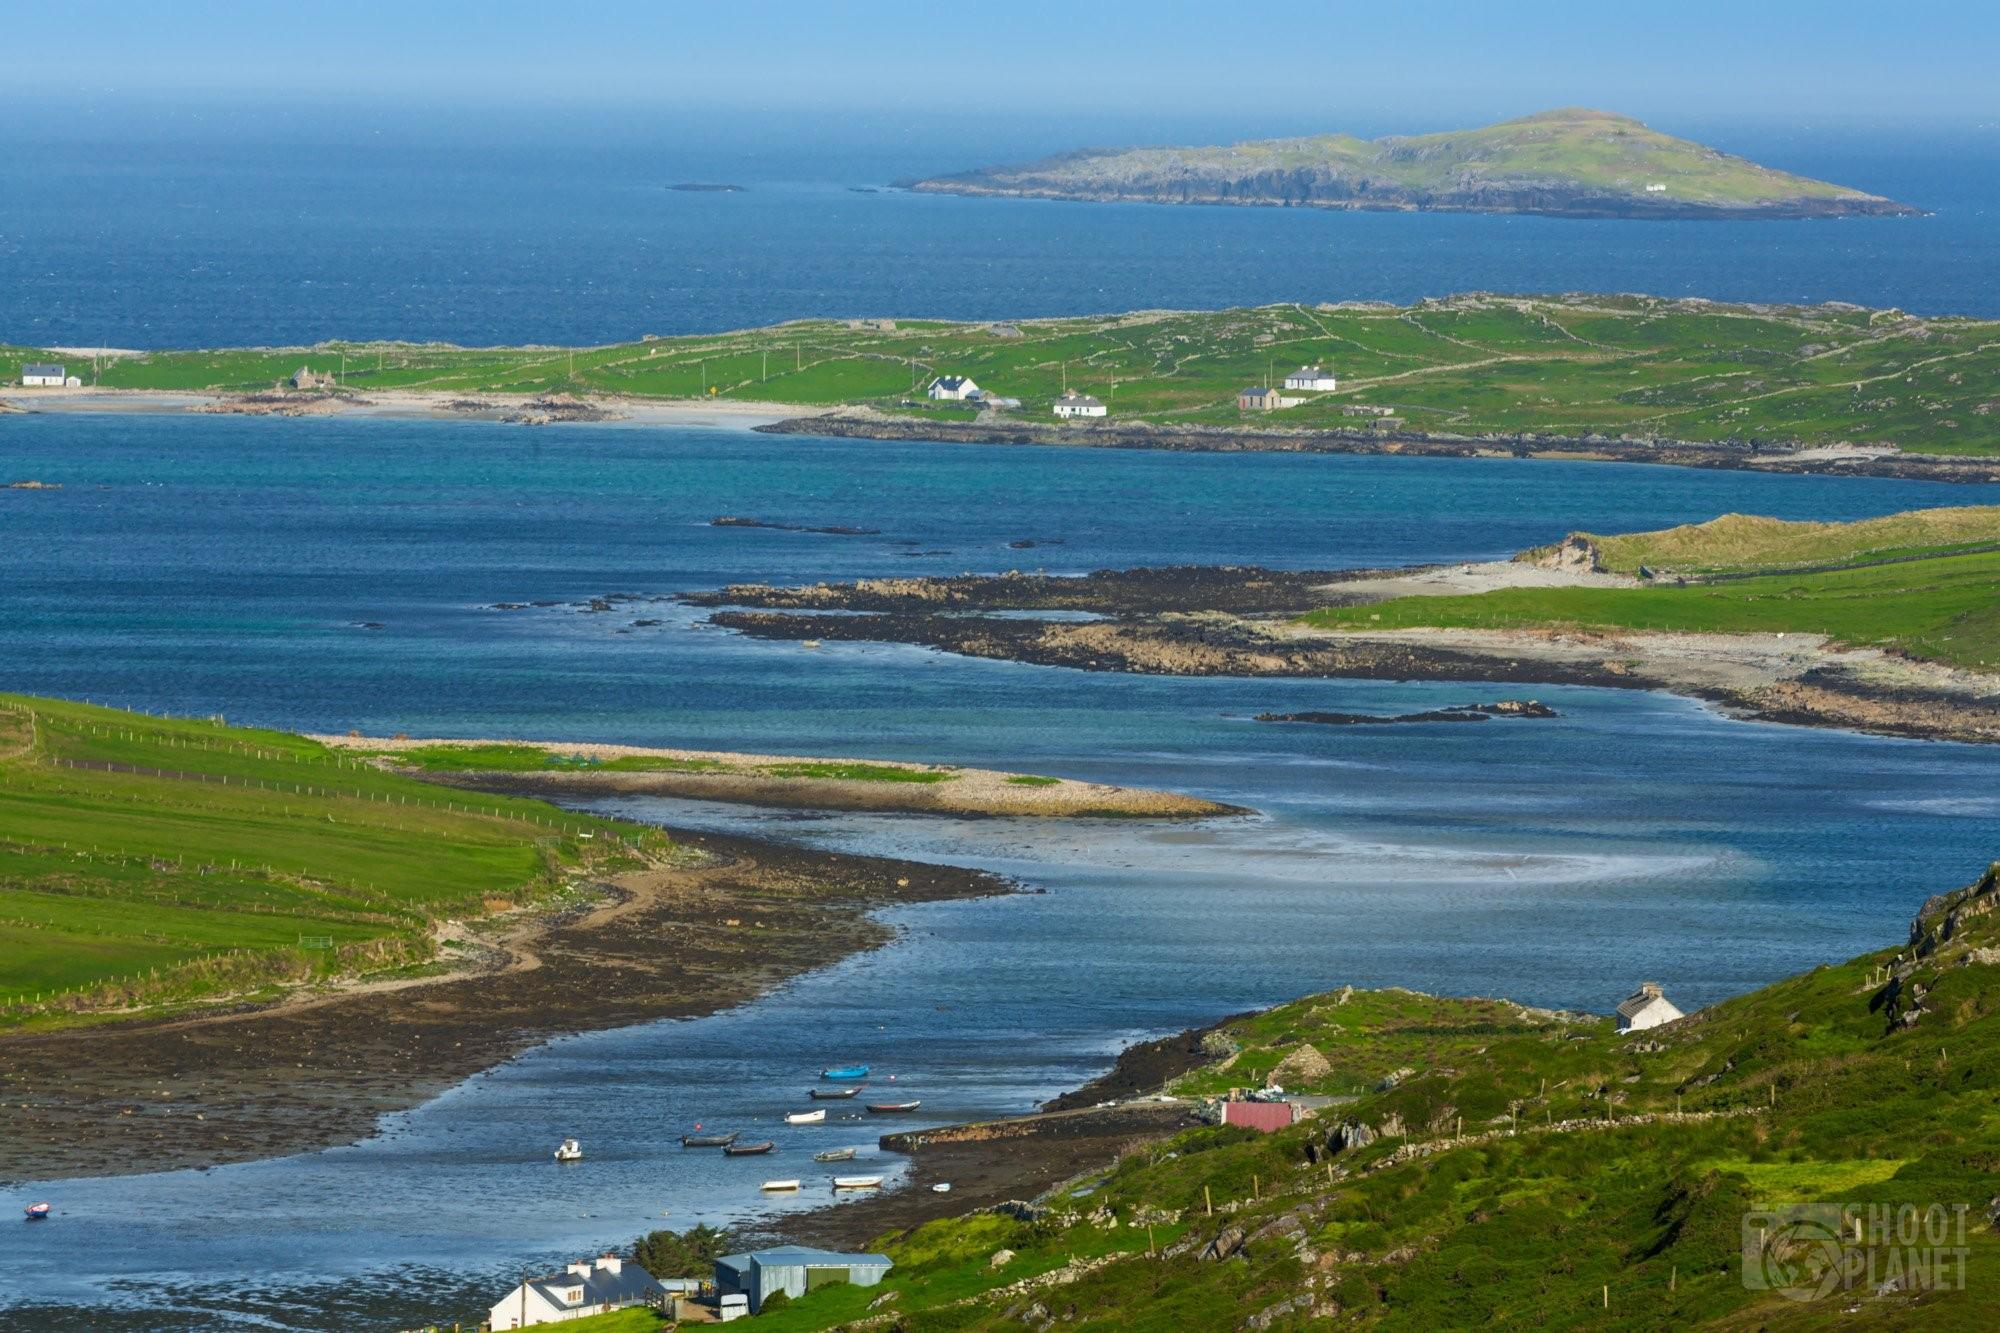 Connemara Clifden Bay seascape, Ireland